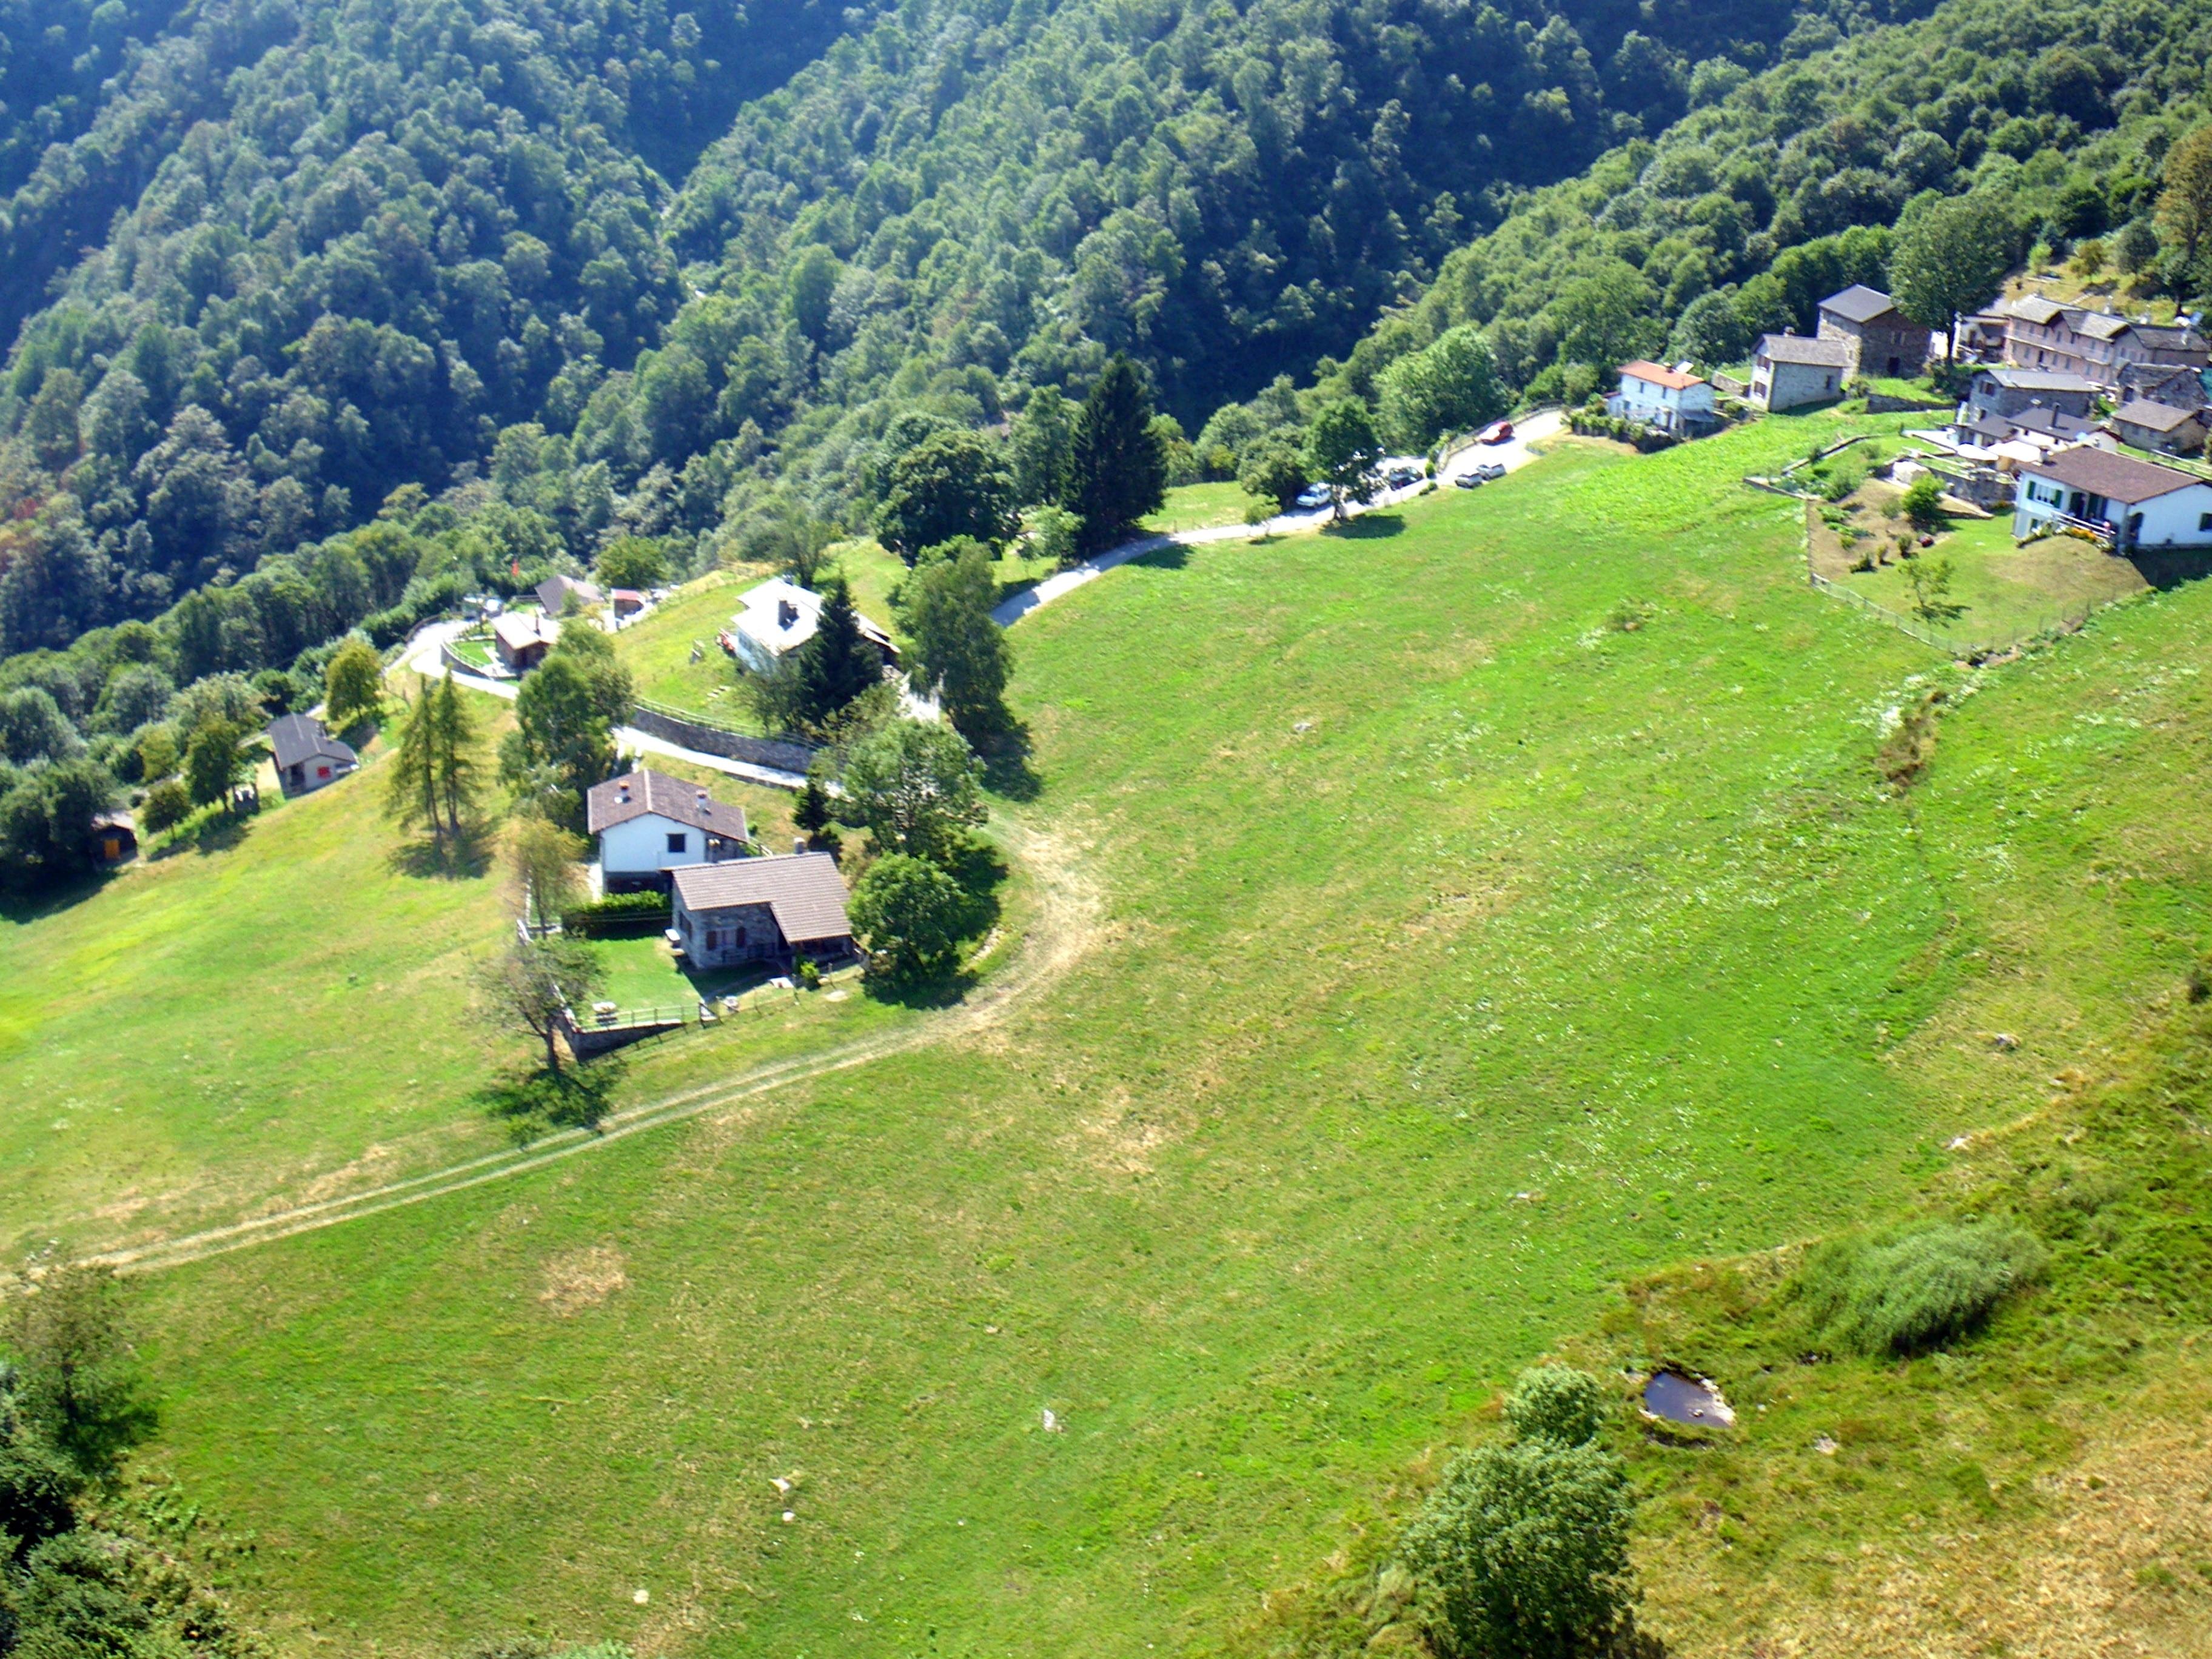 Brissago, Canton of Ticino, Switzerland